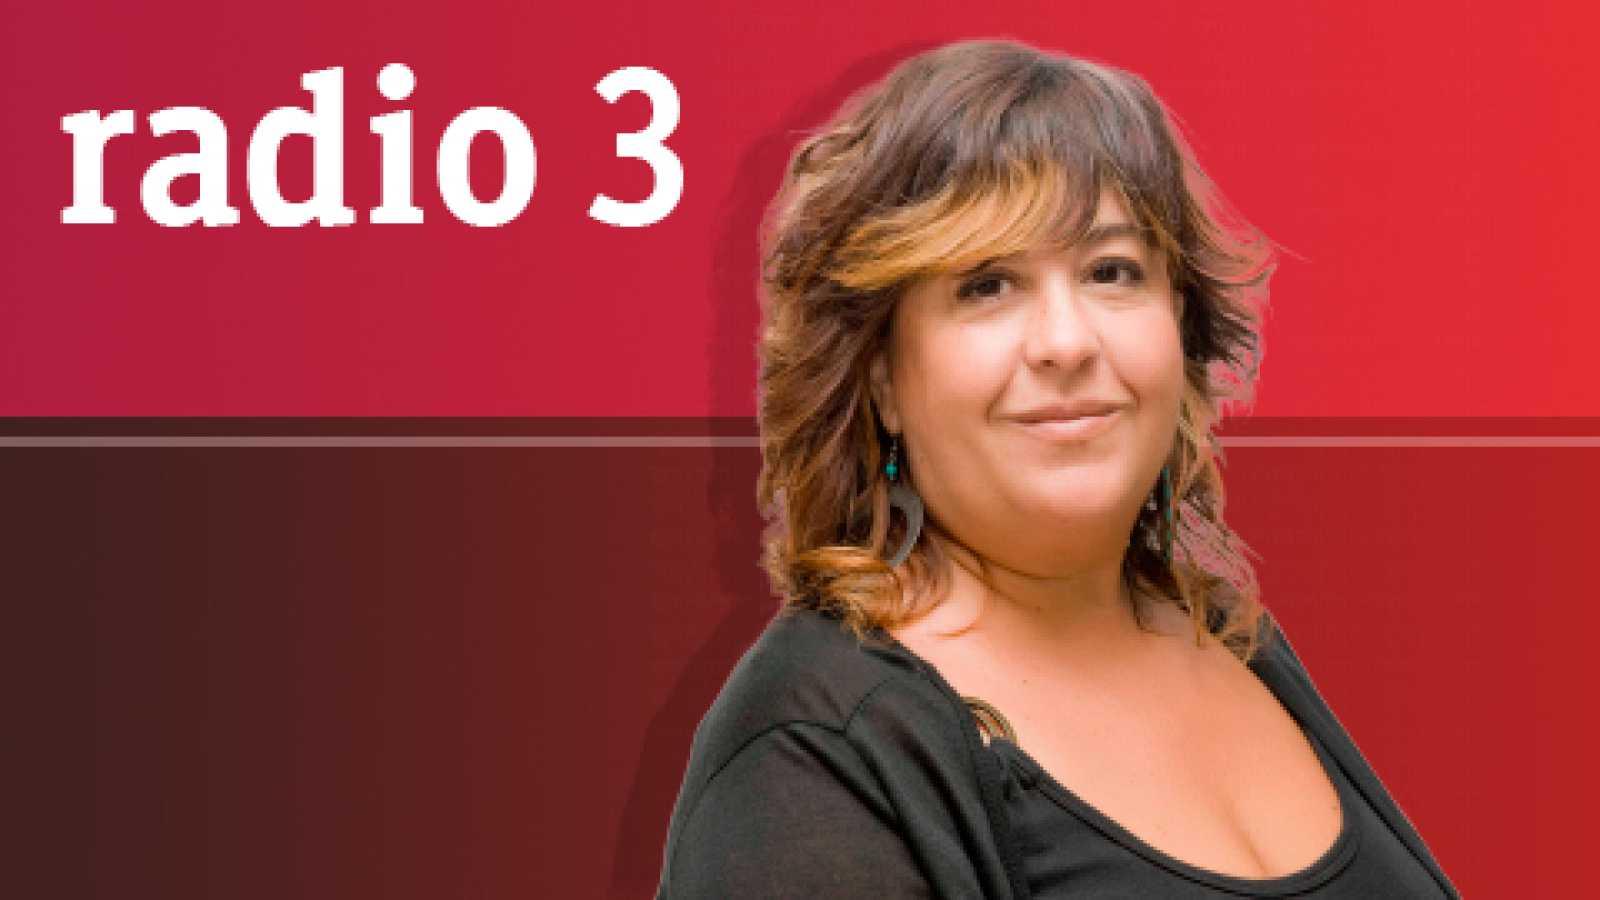 El gran quilombo - Cosquín Rock Online - 25/07/20 - escuchar ahora